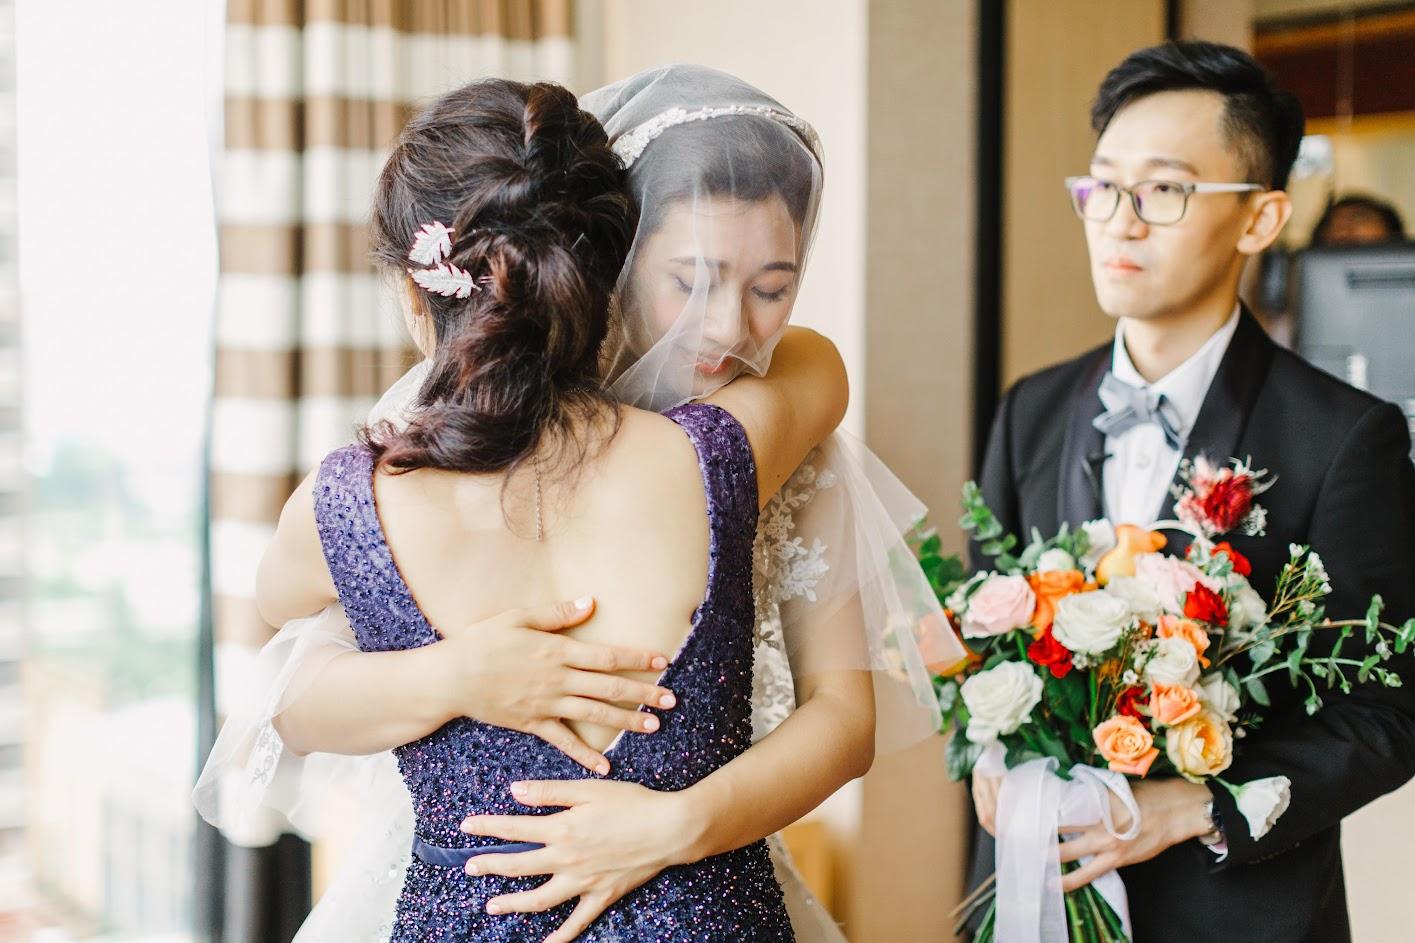 林皇宮花園婚禮,美式婚禮,婚禮攝影,美式婚禮紀錄,台中婚禮紀錄推薦,婚禮紀實,AG美式婚紗,婚攝Adam, Amazing Grace 攝影美學